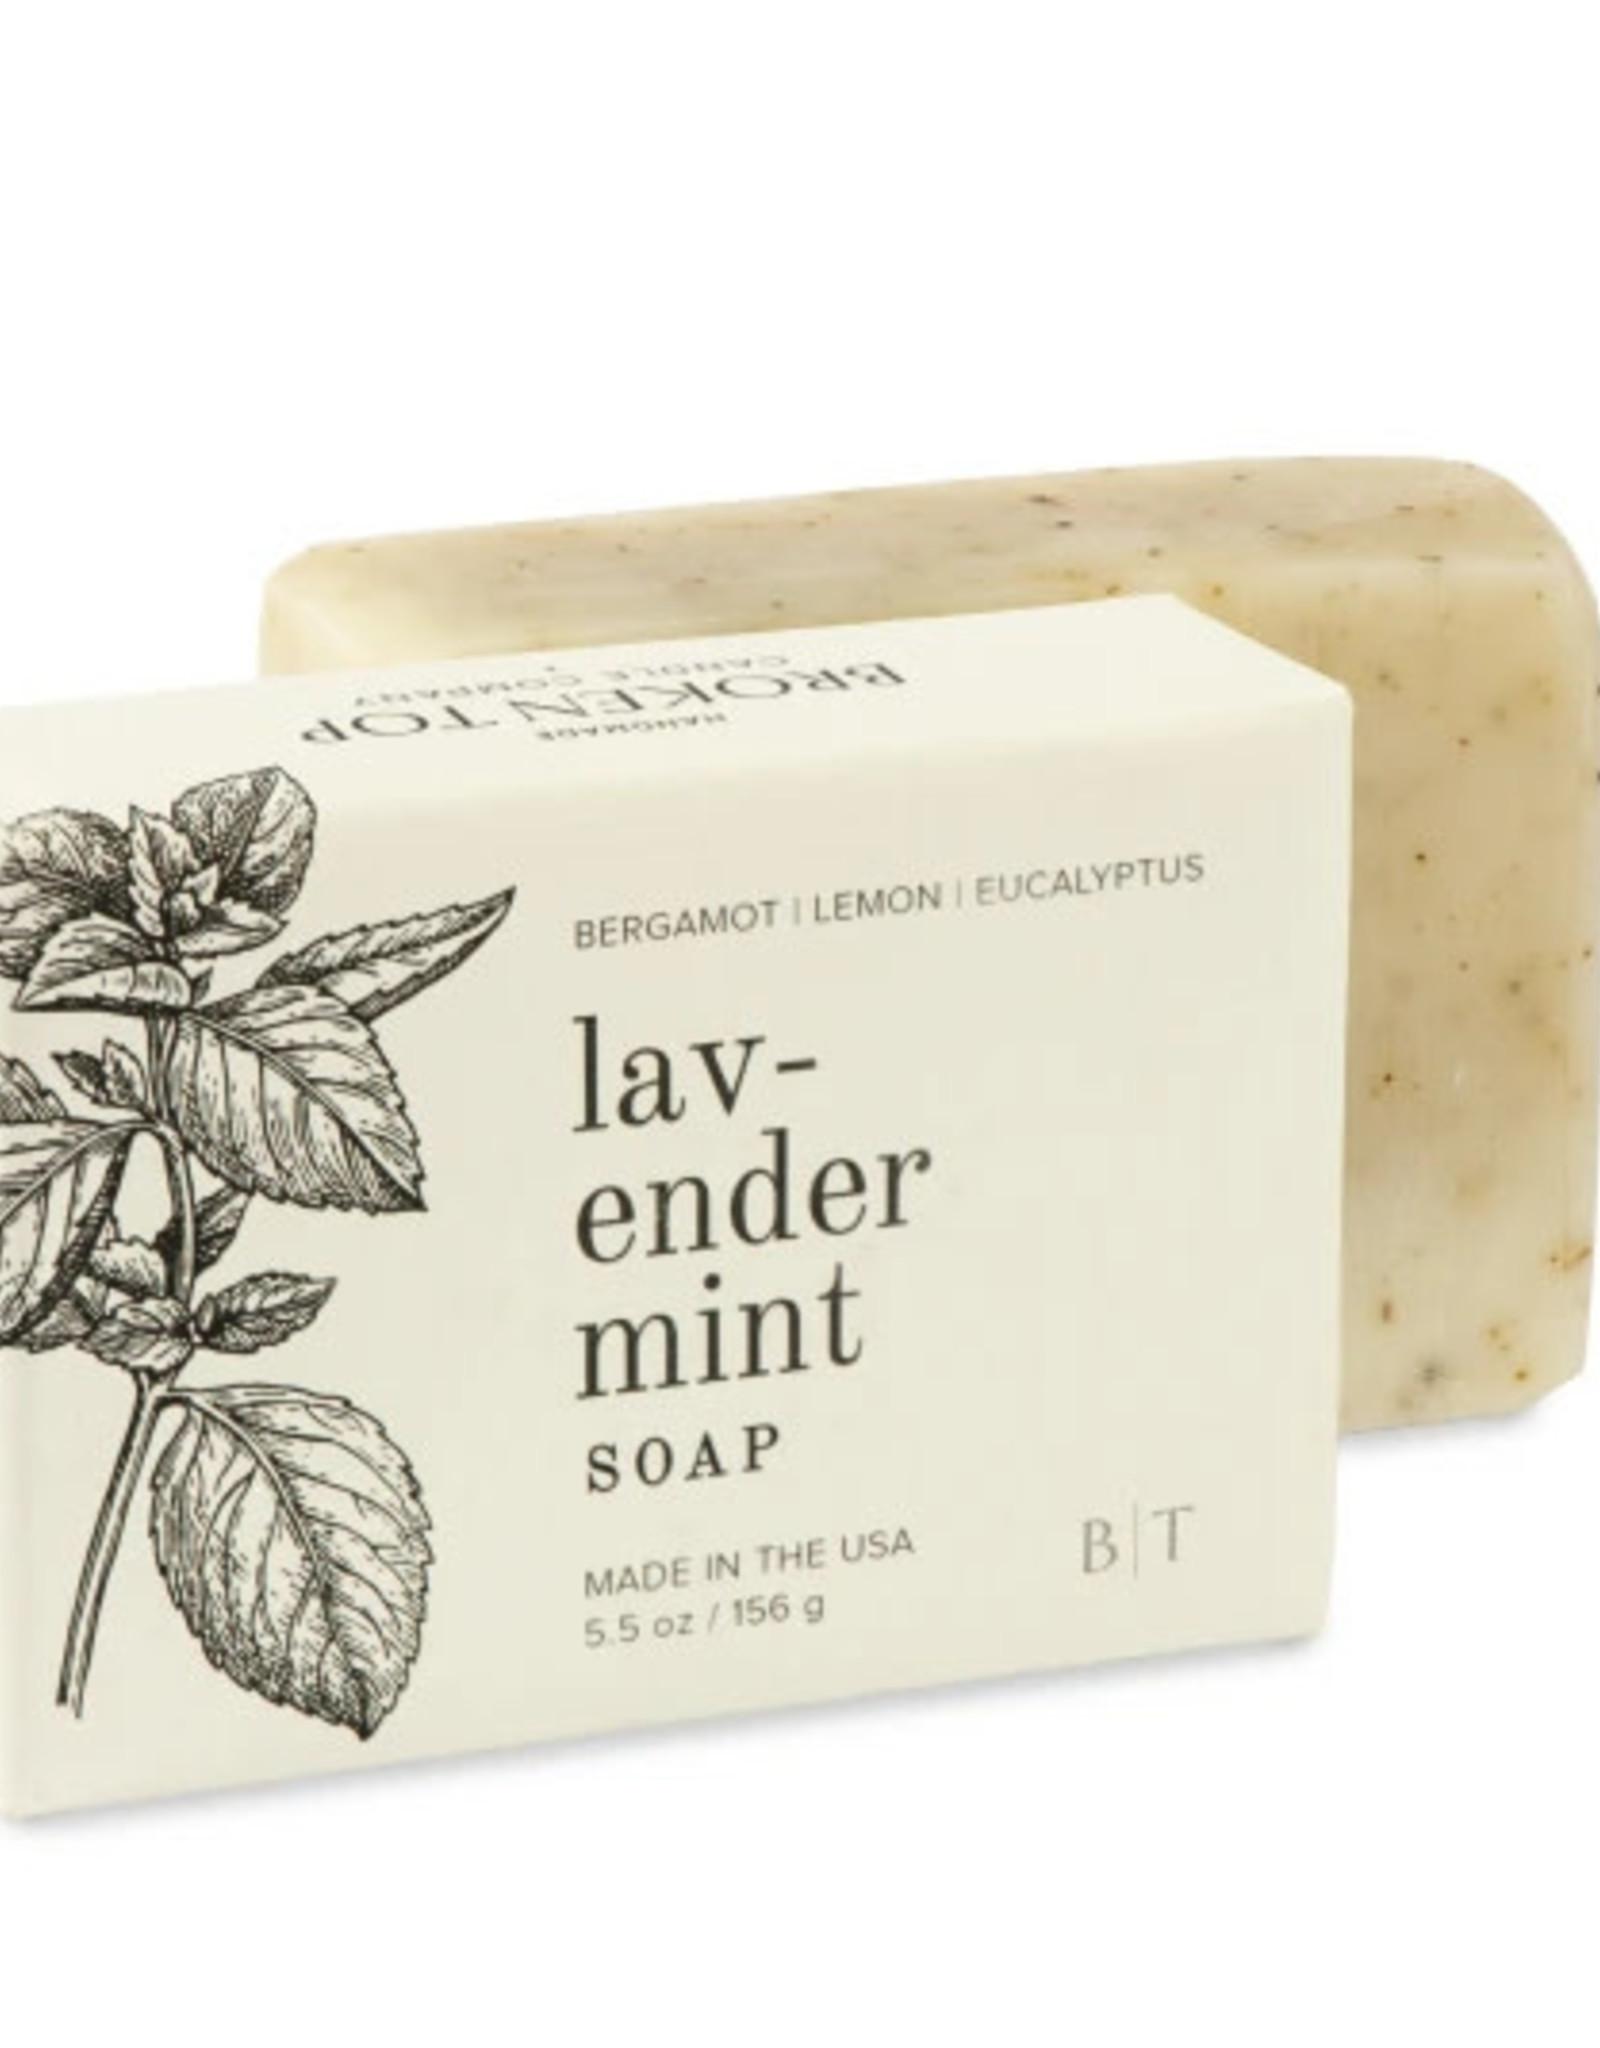 SOAP BAR LAVENDER MINT 5.5 OZ